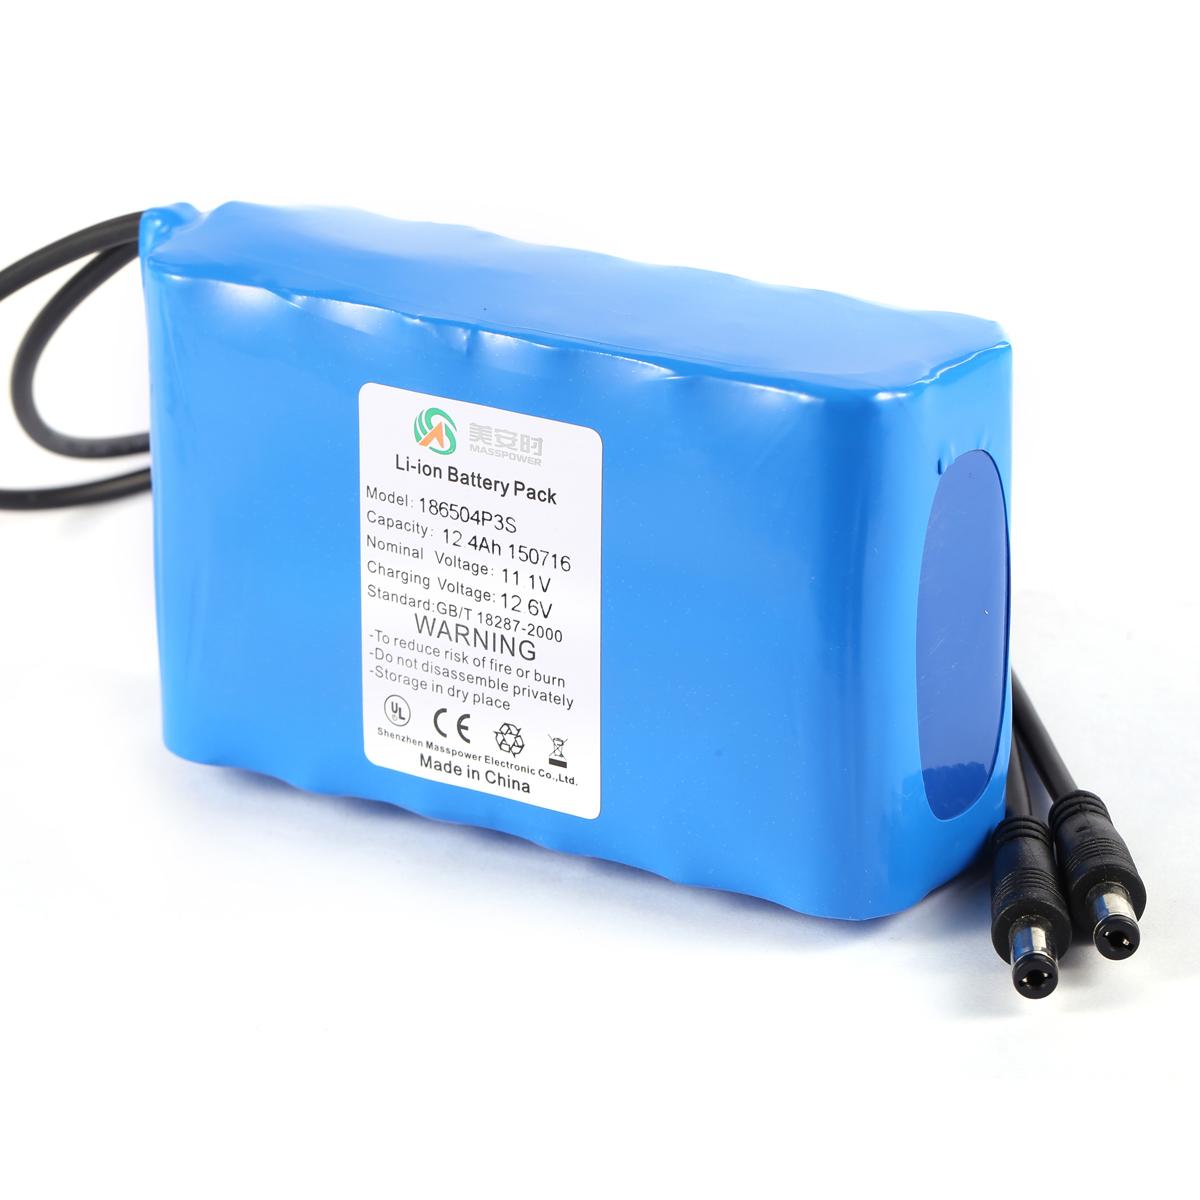 环境检测丨 大气采样器锂电池